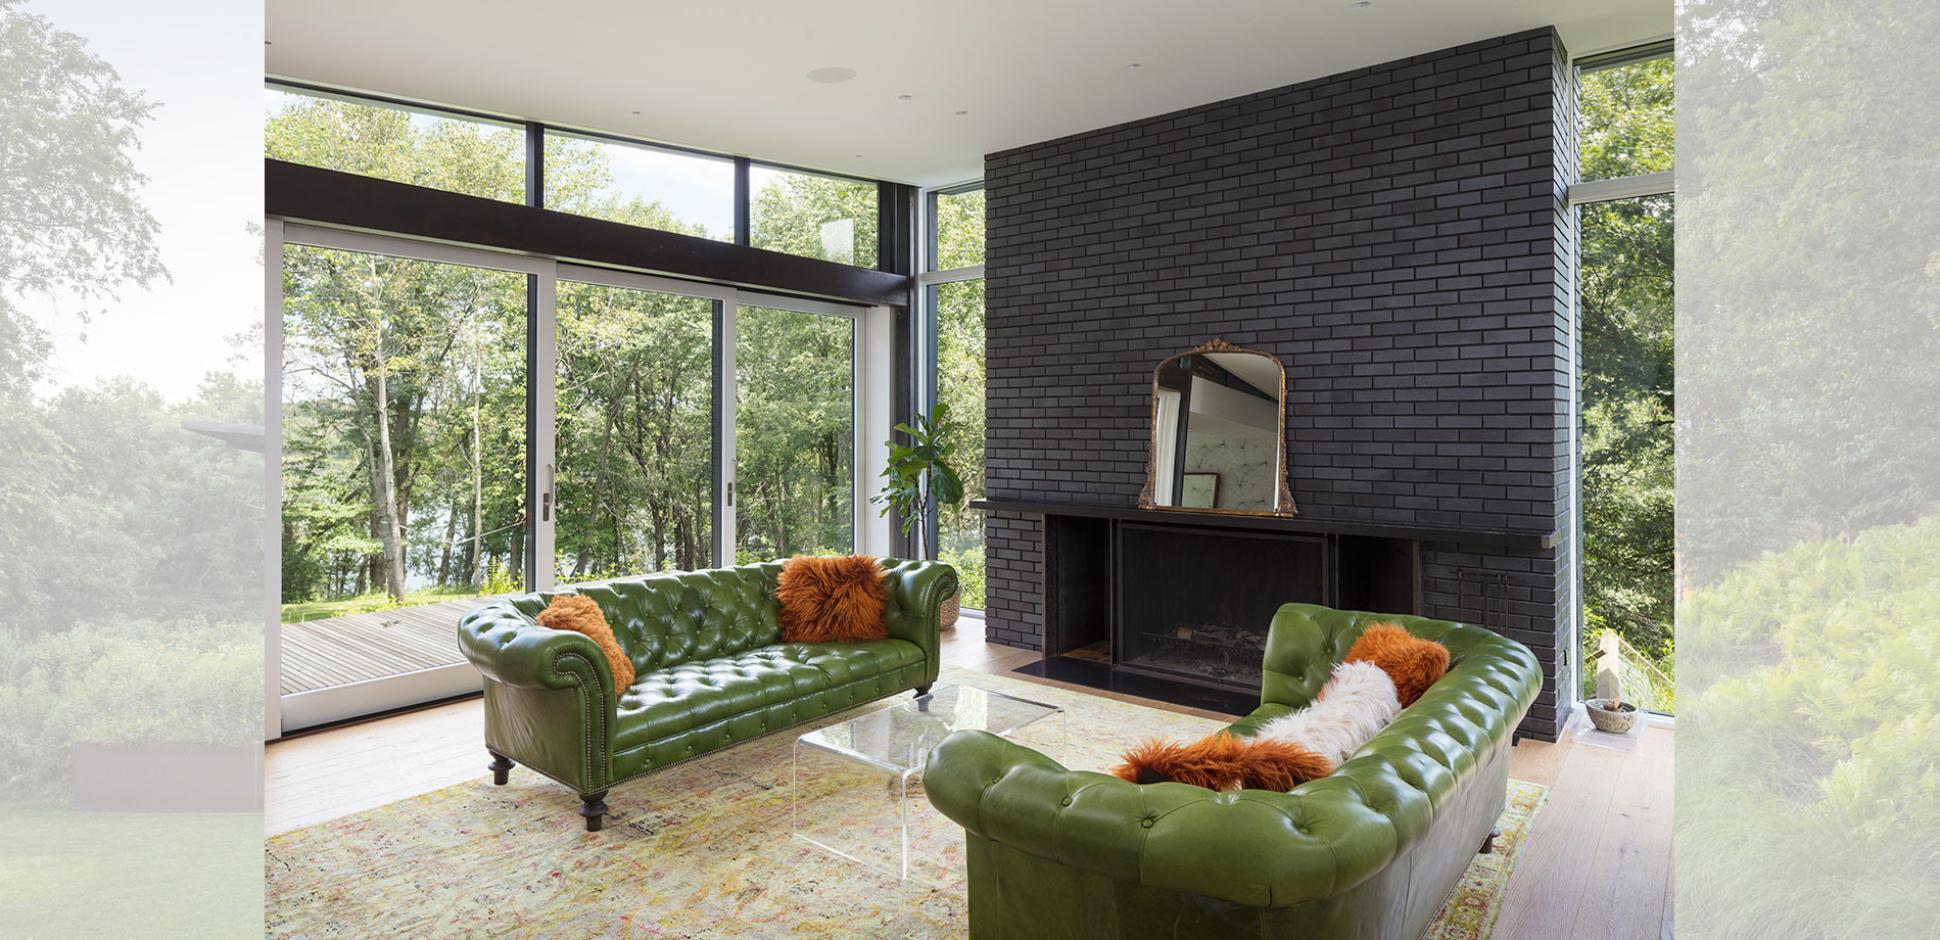 Shadow Box Sala Architects -> Imagem Para Sala